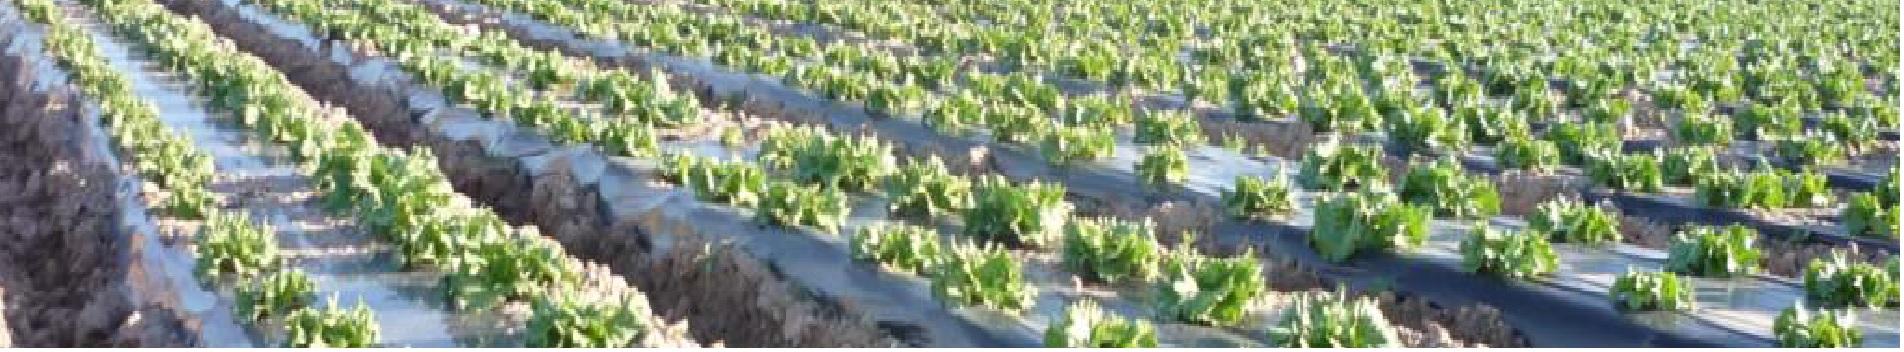 Siguen las iniciativas de uso de acolchado biodegradable en España